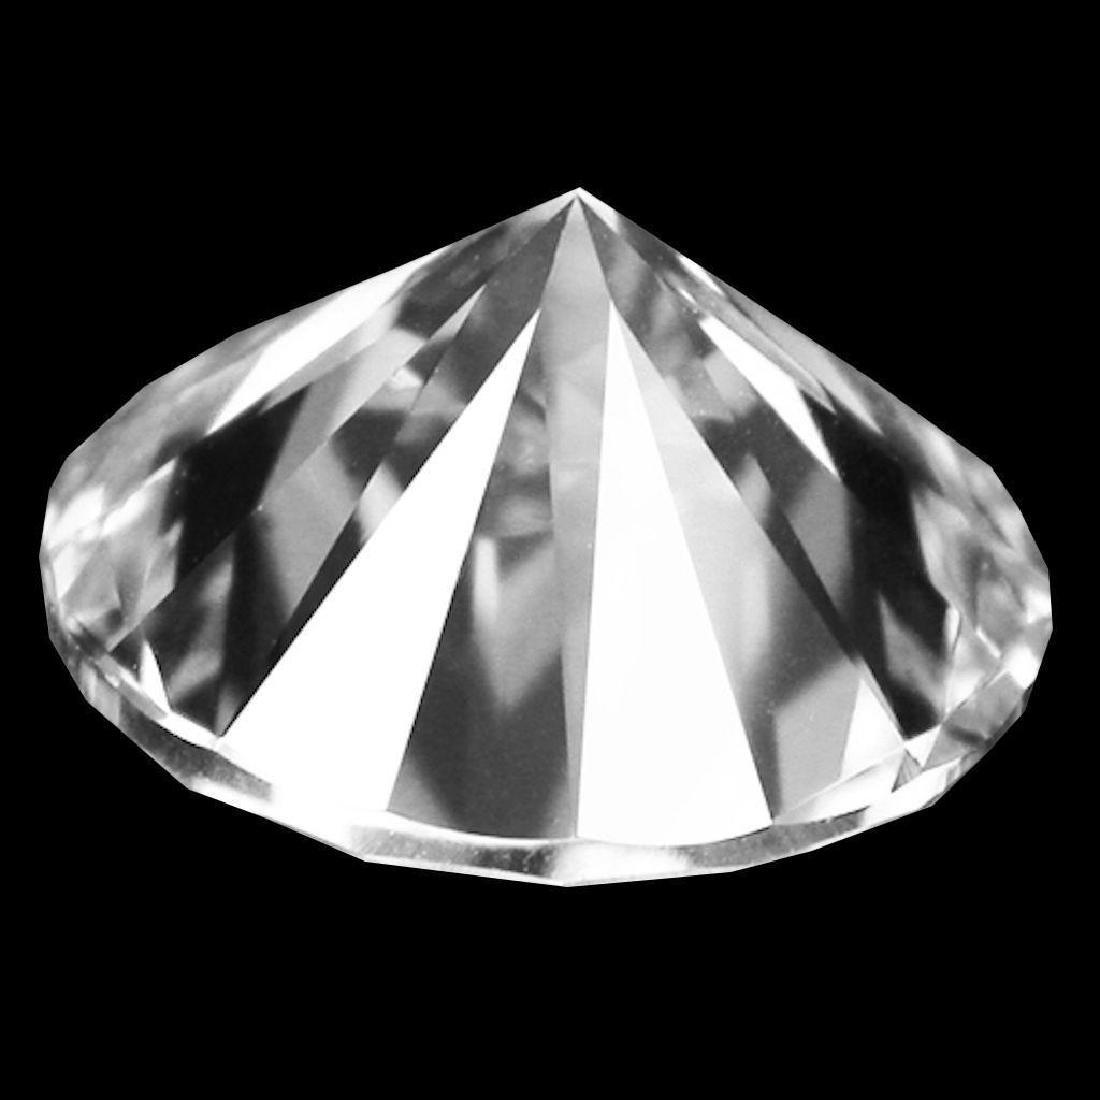 1.28cts Bianco Diamond Grade 6AAAAAA - Loose Stone - 2